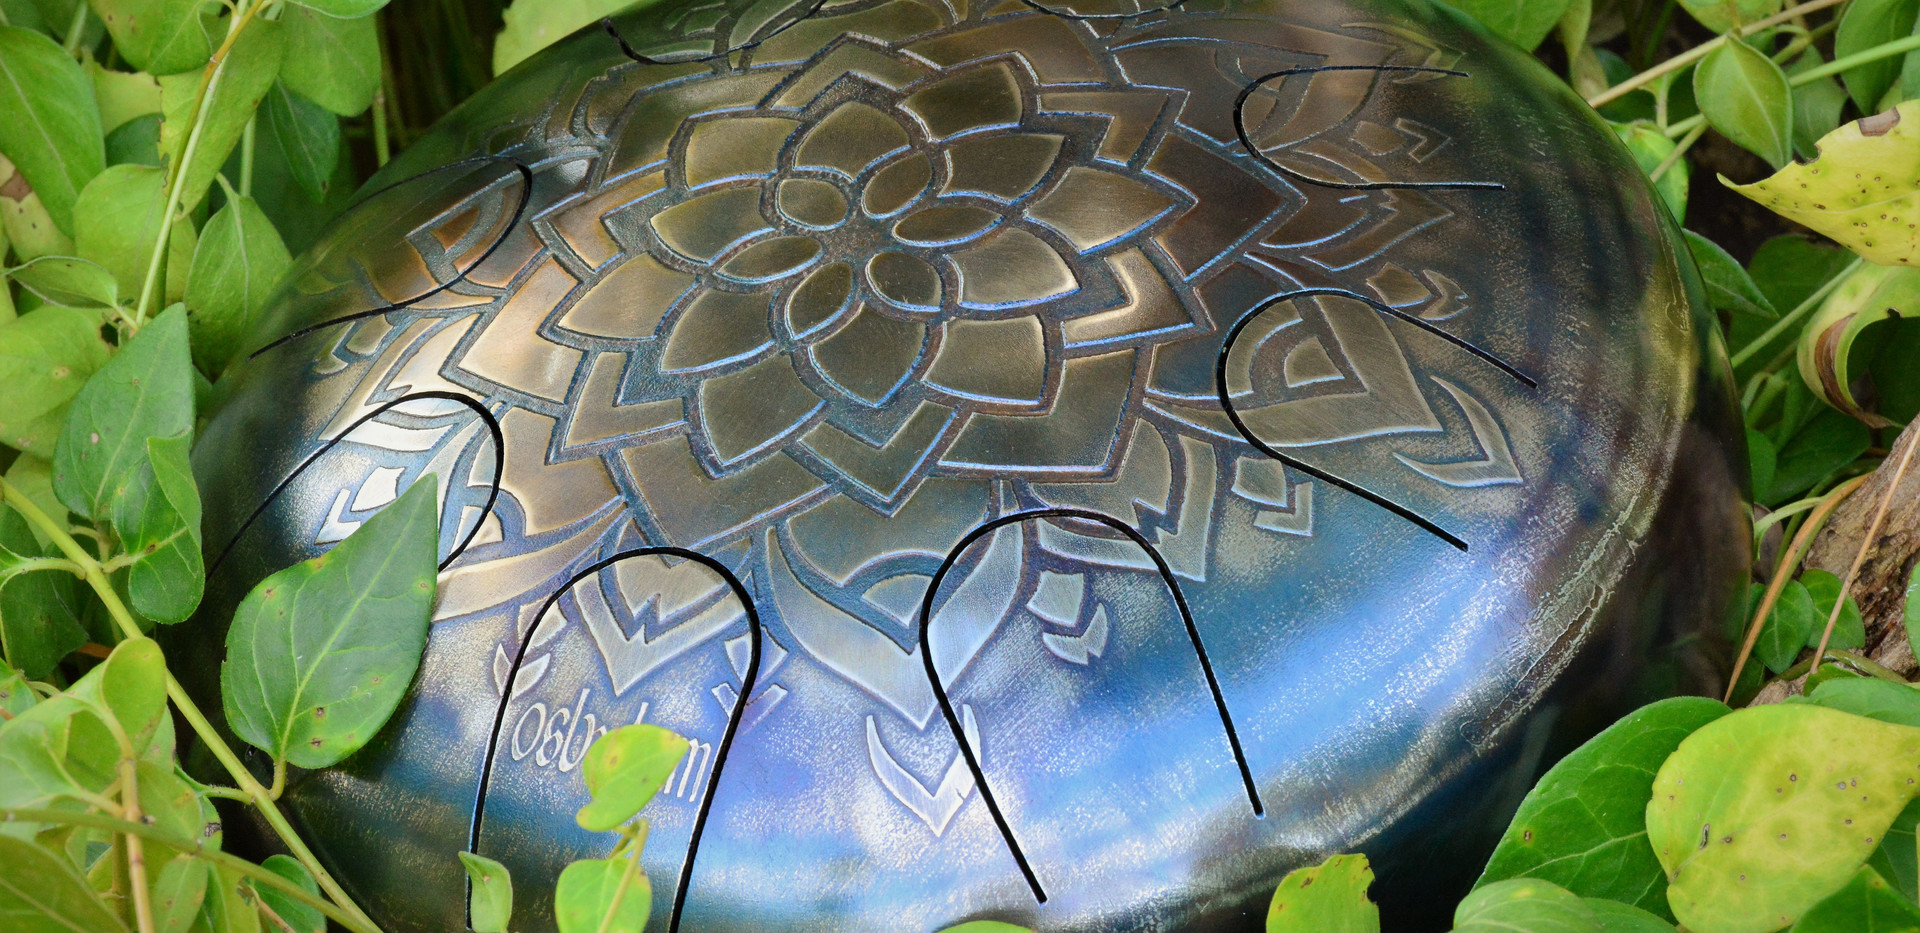 jardin et nature mandala en relief tankdrum - instrument de musique - hang - handpan - yoga